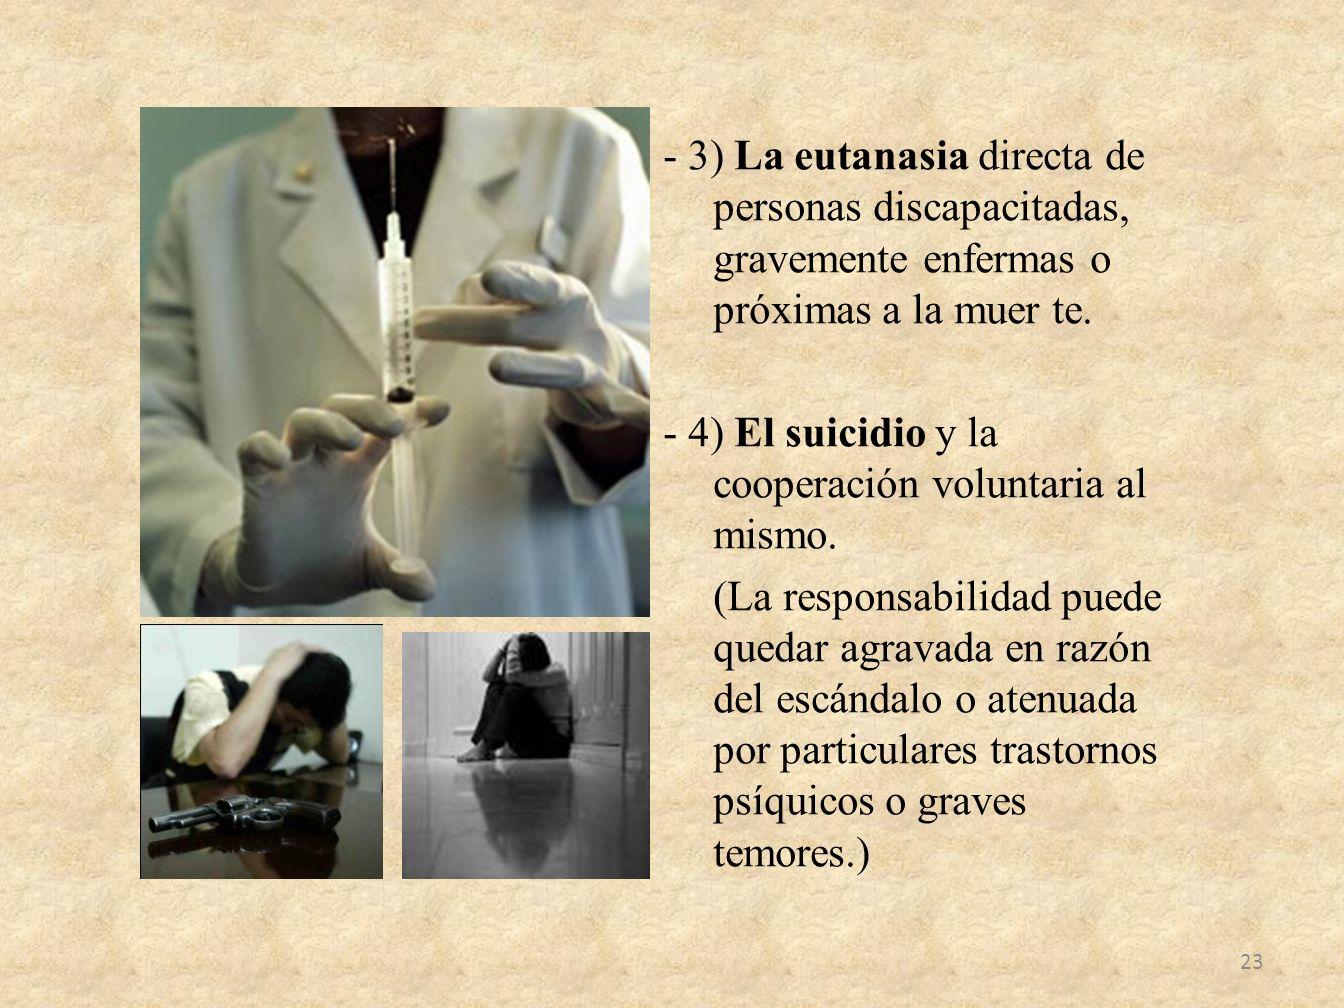 - 3) La eutanasia directa de personas discapacitadas, gravemente enfermas o próximas a la muer te. - 4) El suicidio y la cooperación voluntaria al mis